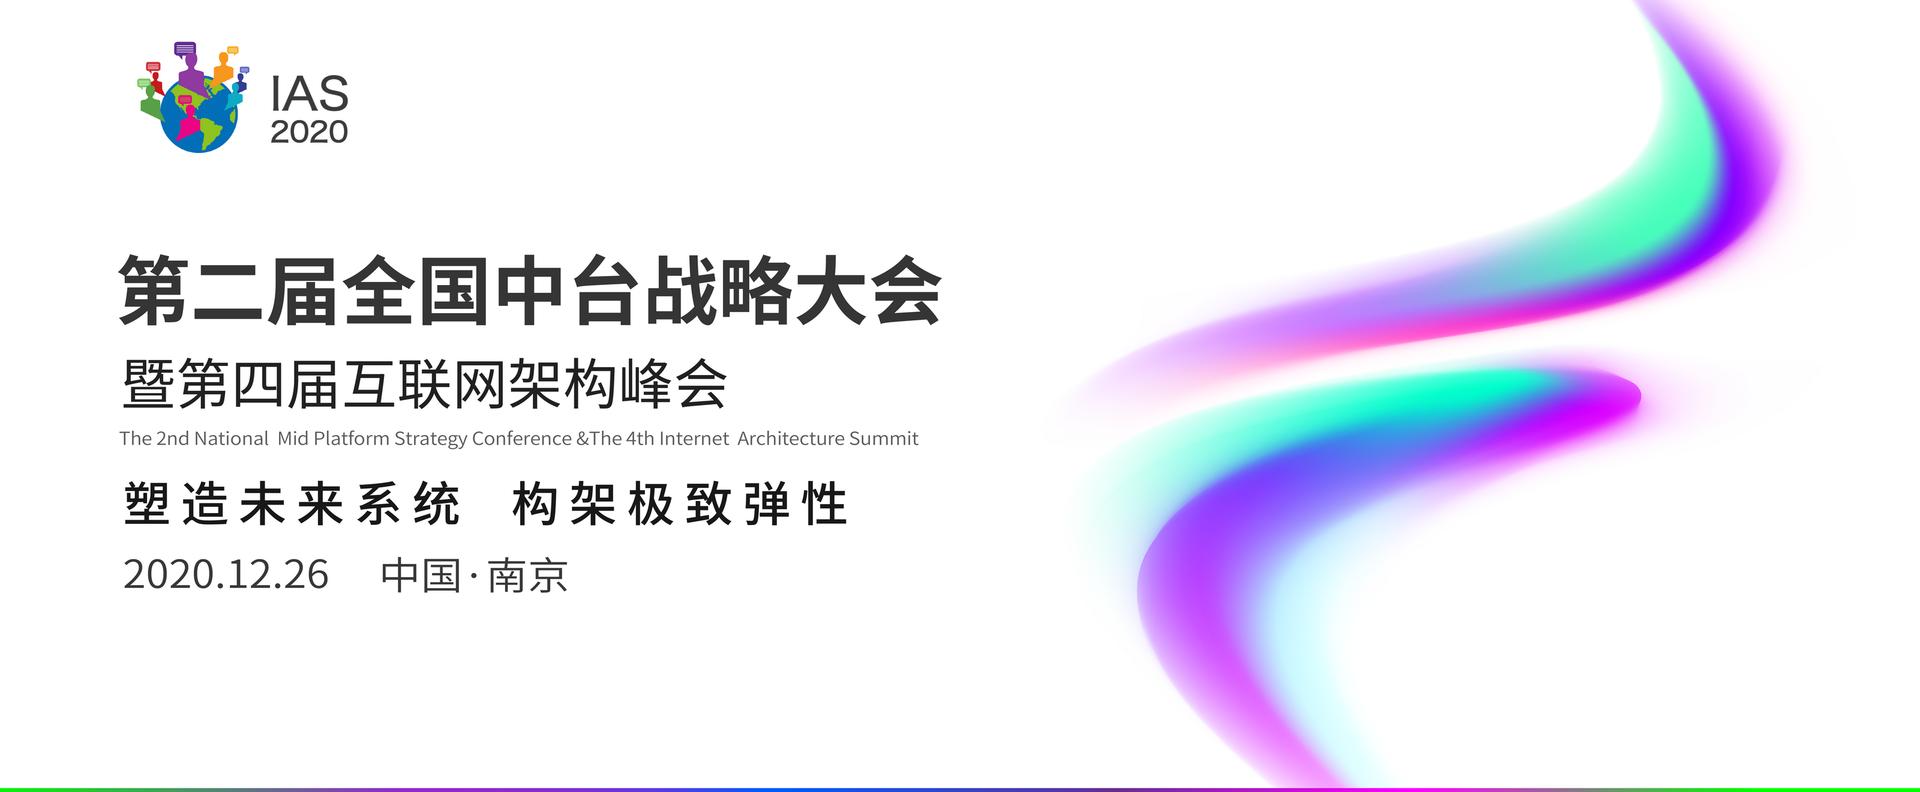 第二届全国中台战略大会暨第四届互联网架构峰会